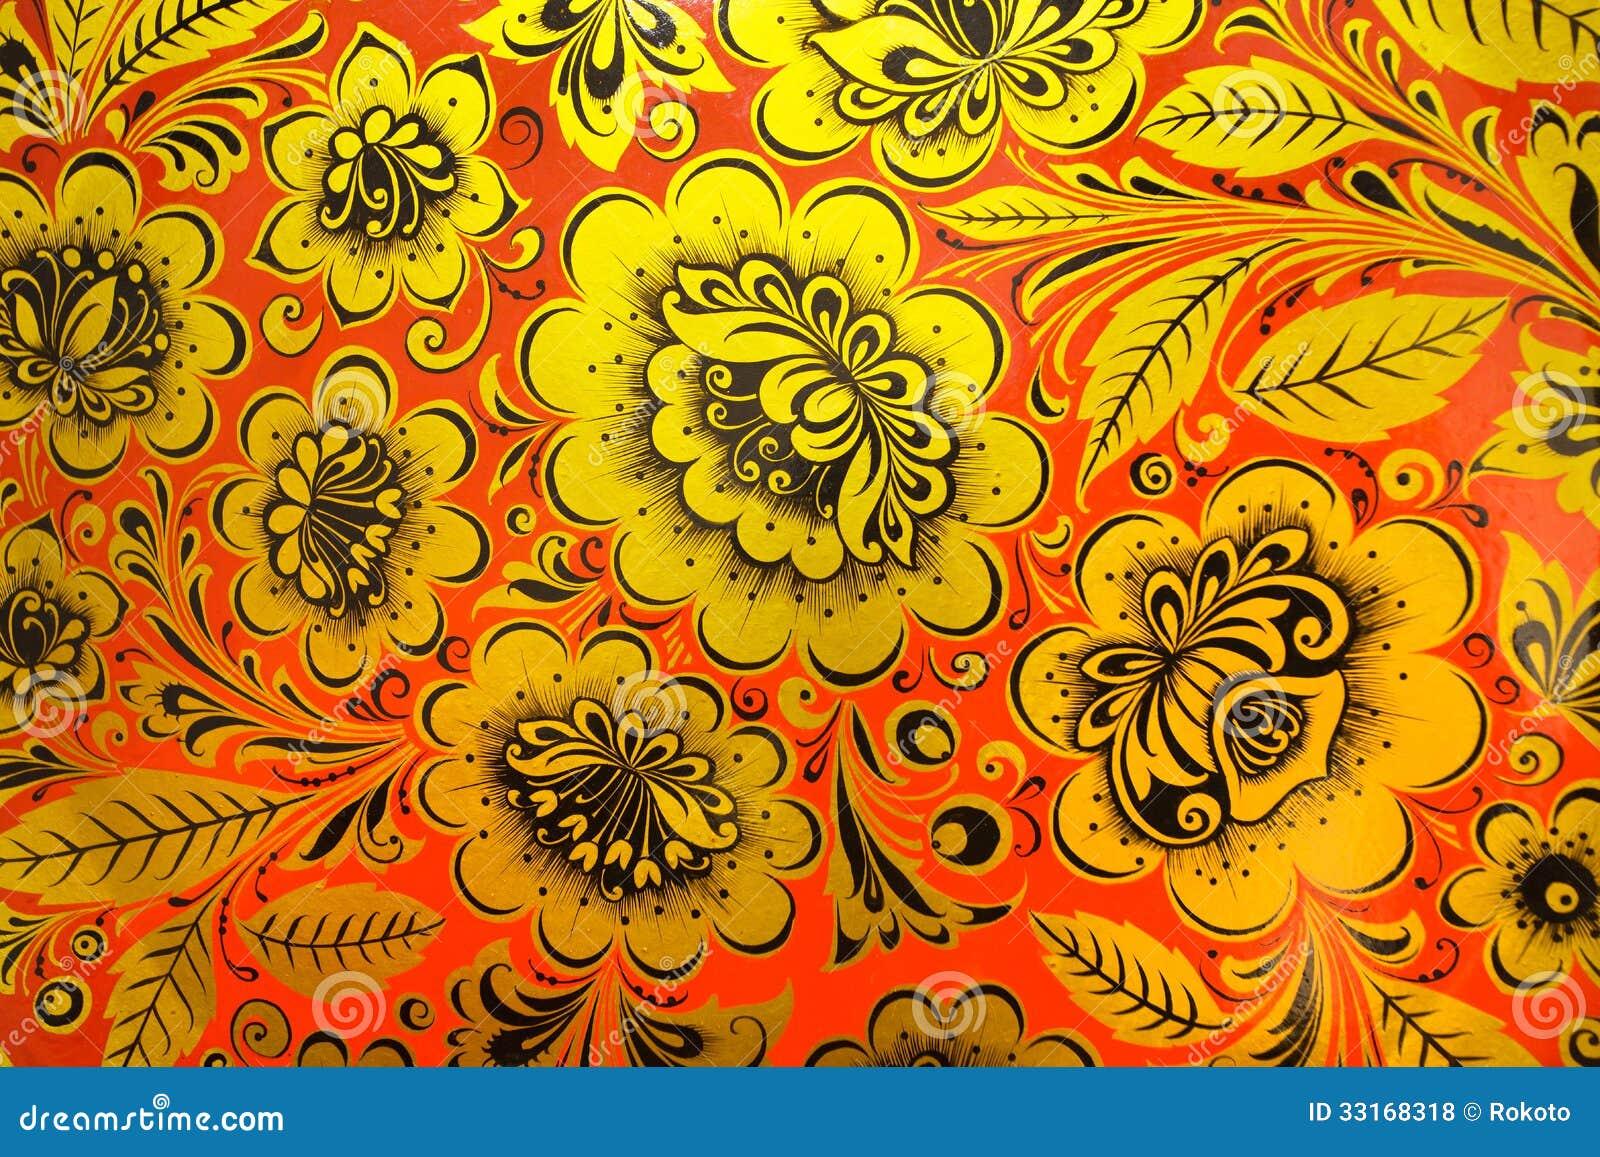 Цветные русские узоры фото